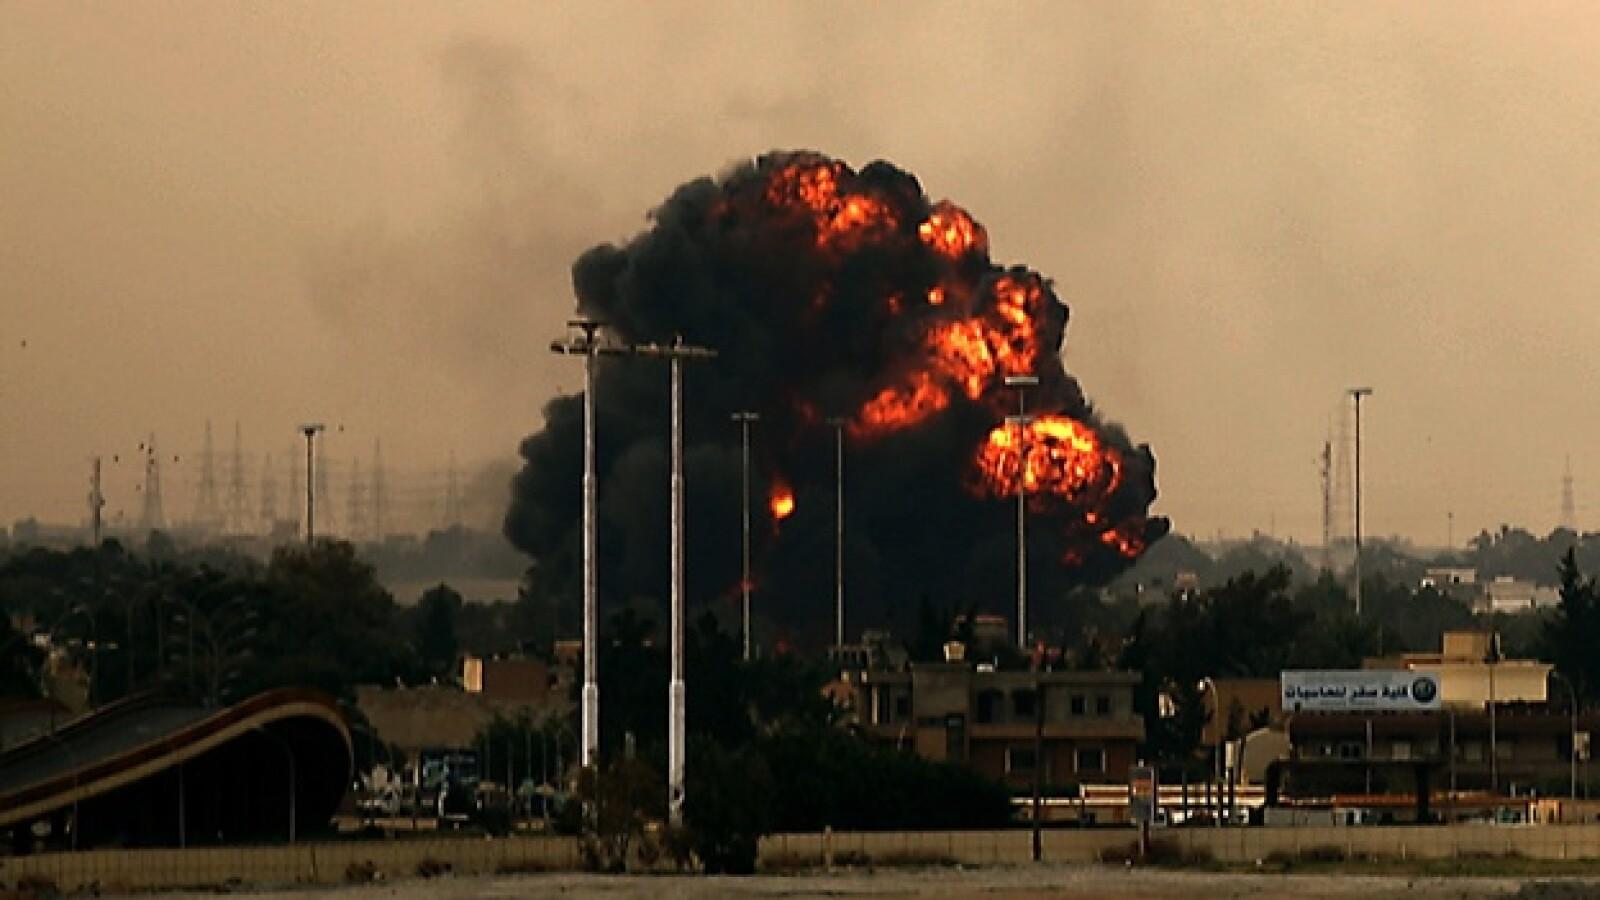 Momento 3: caída del avión rebelde en Benghazi, en Libia